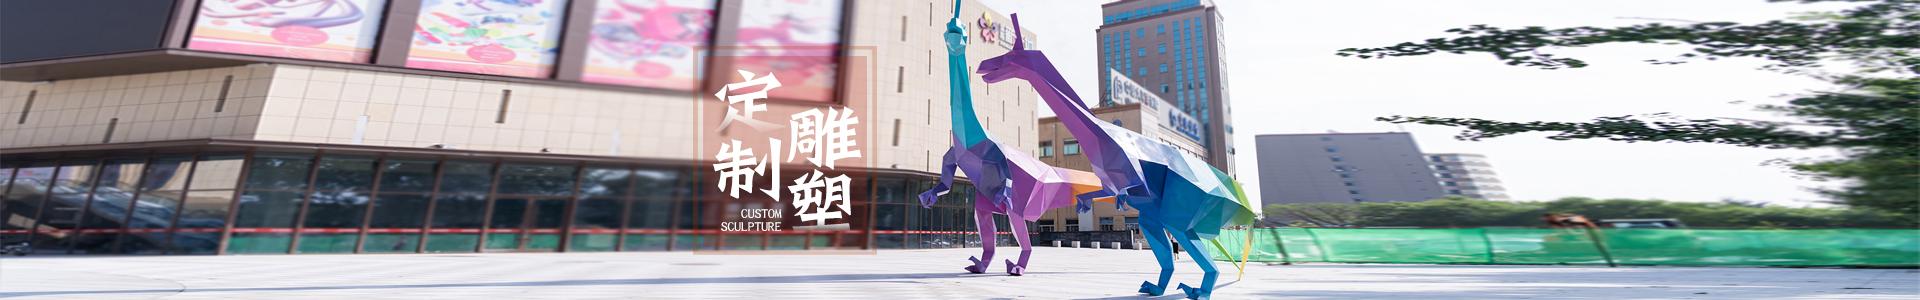 仿真斑马玻璃钢雕塑,神奇的斑马!